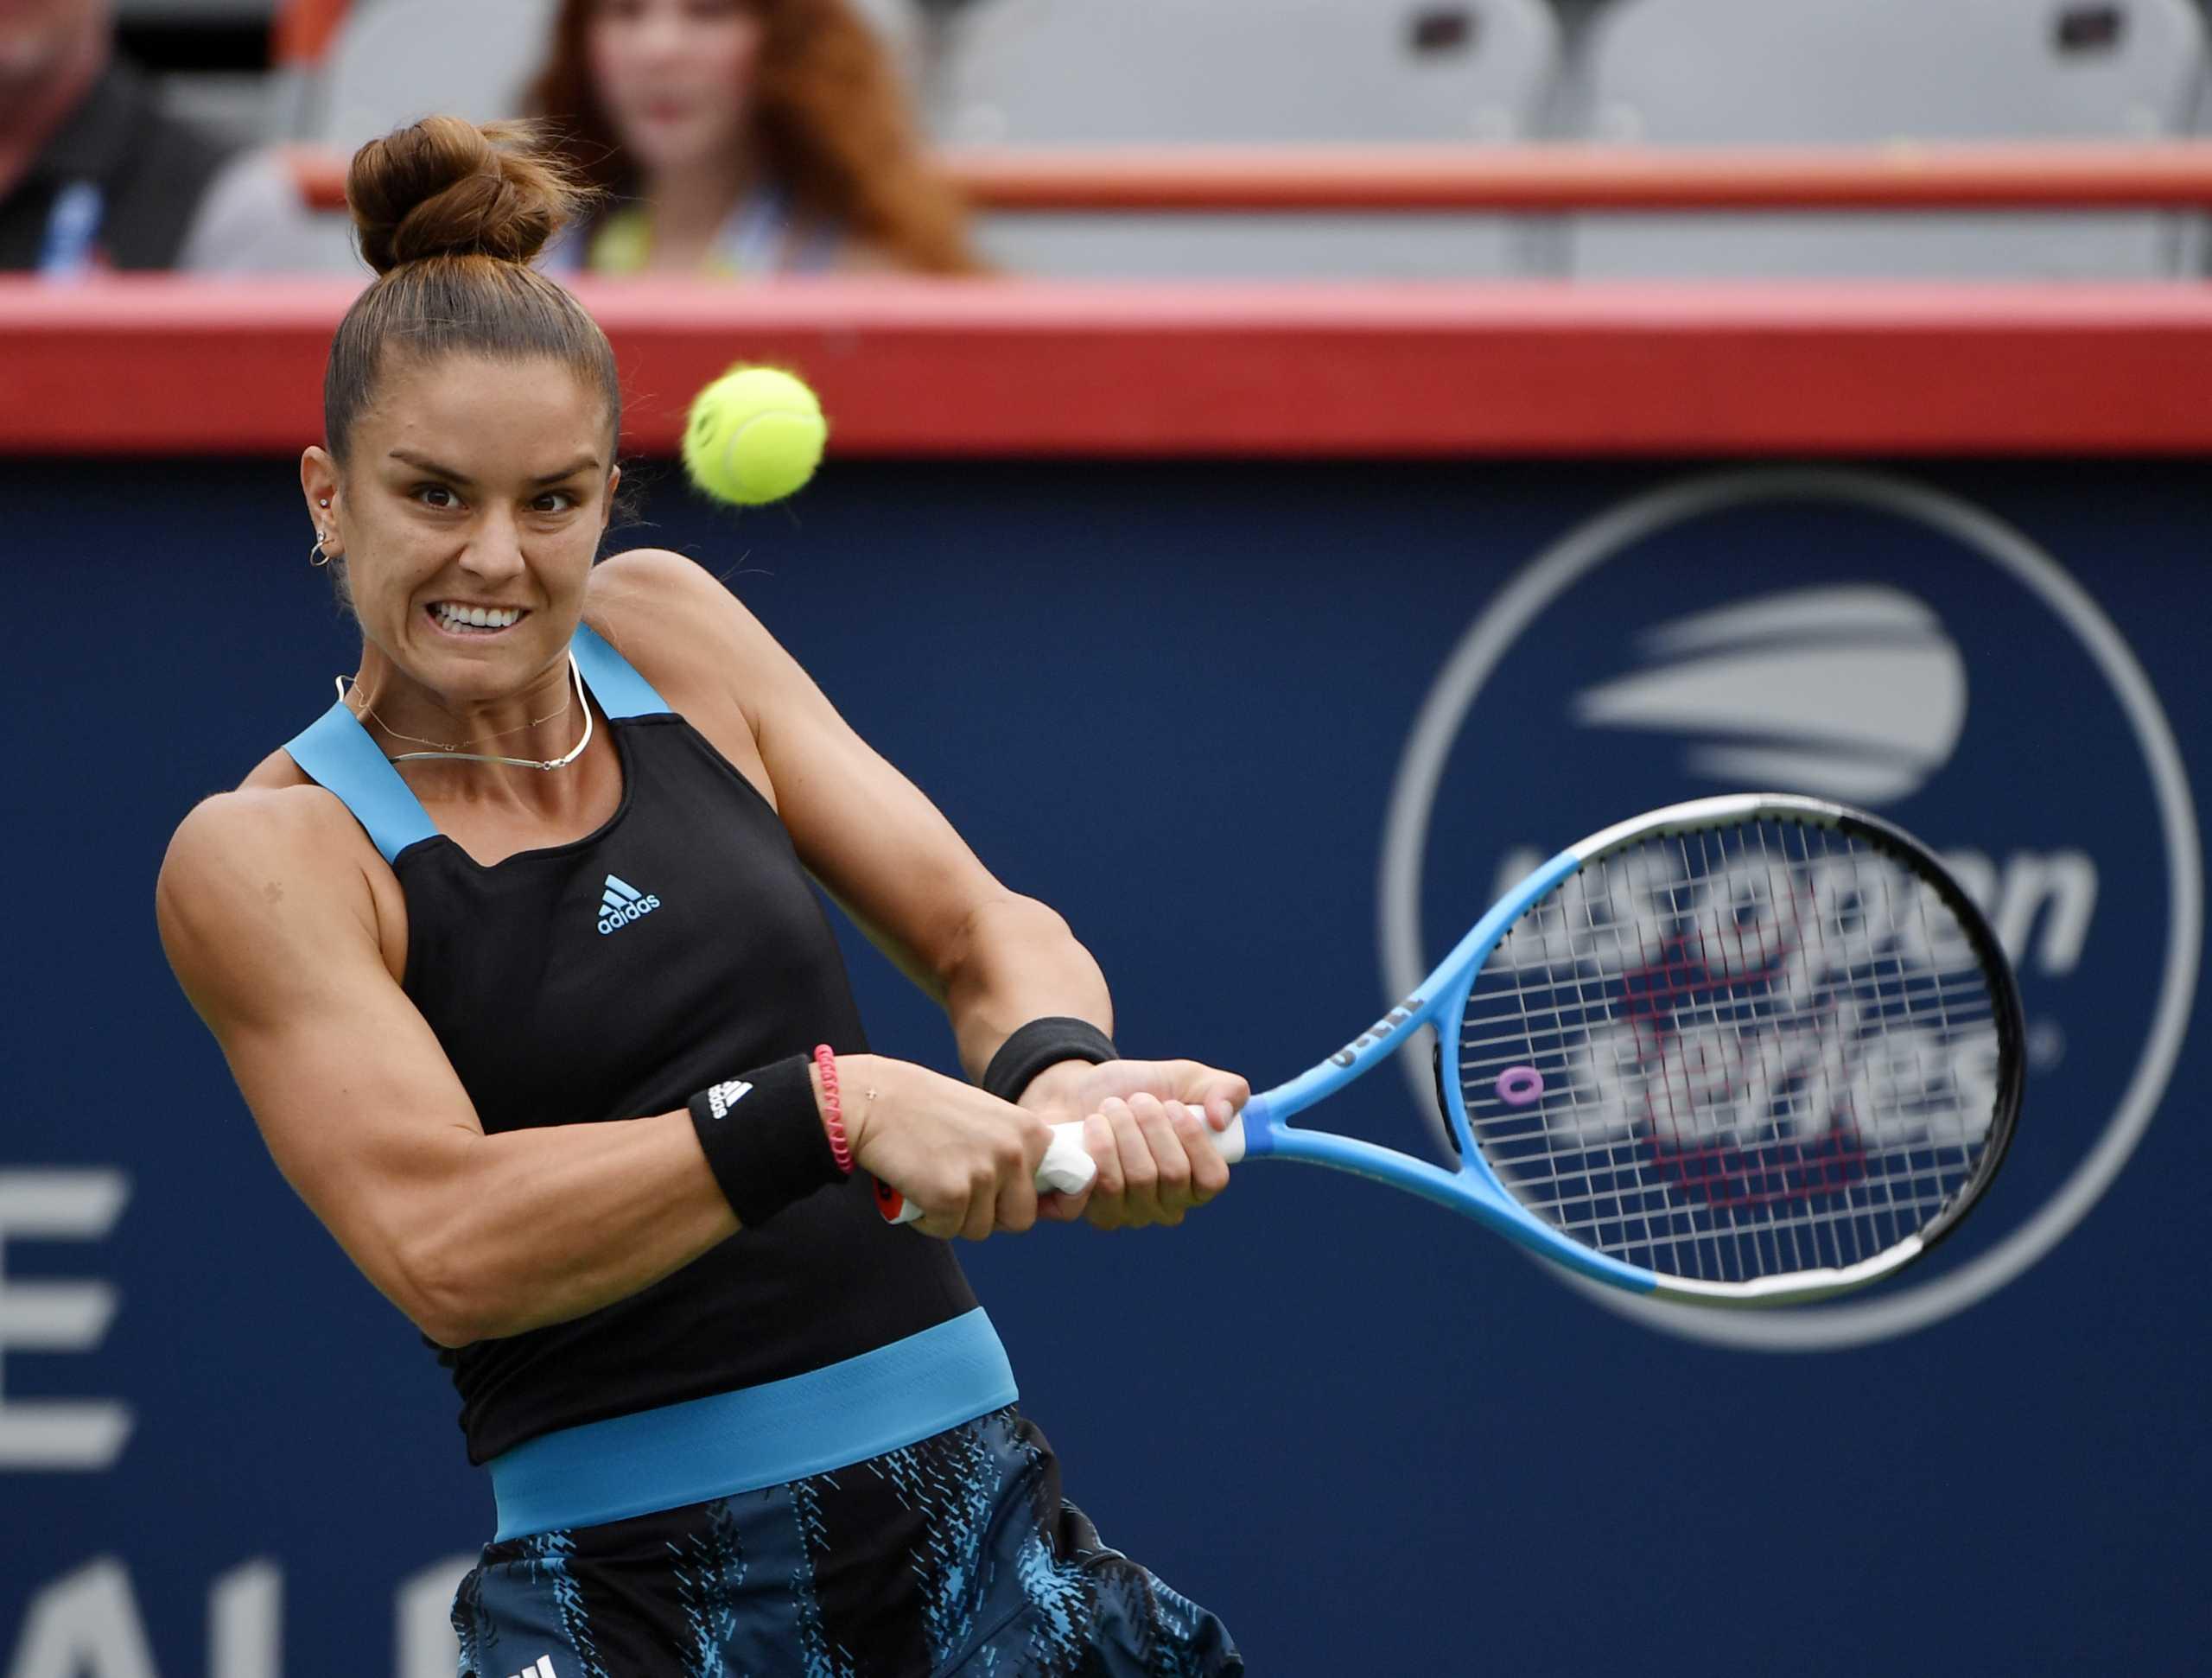 Μάρτα Κόστγιουκ – Μαρία Σάκκαρη 0-2: Προκρίθηκε στο δεύτερο γύρο του US Open